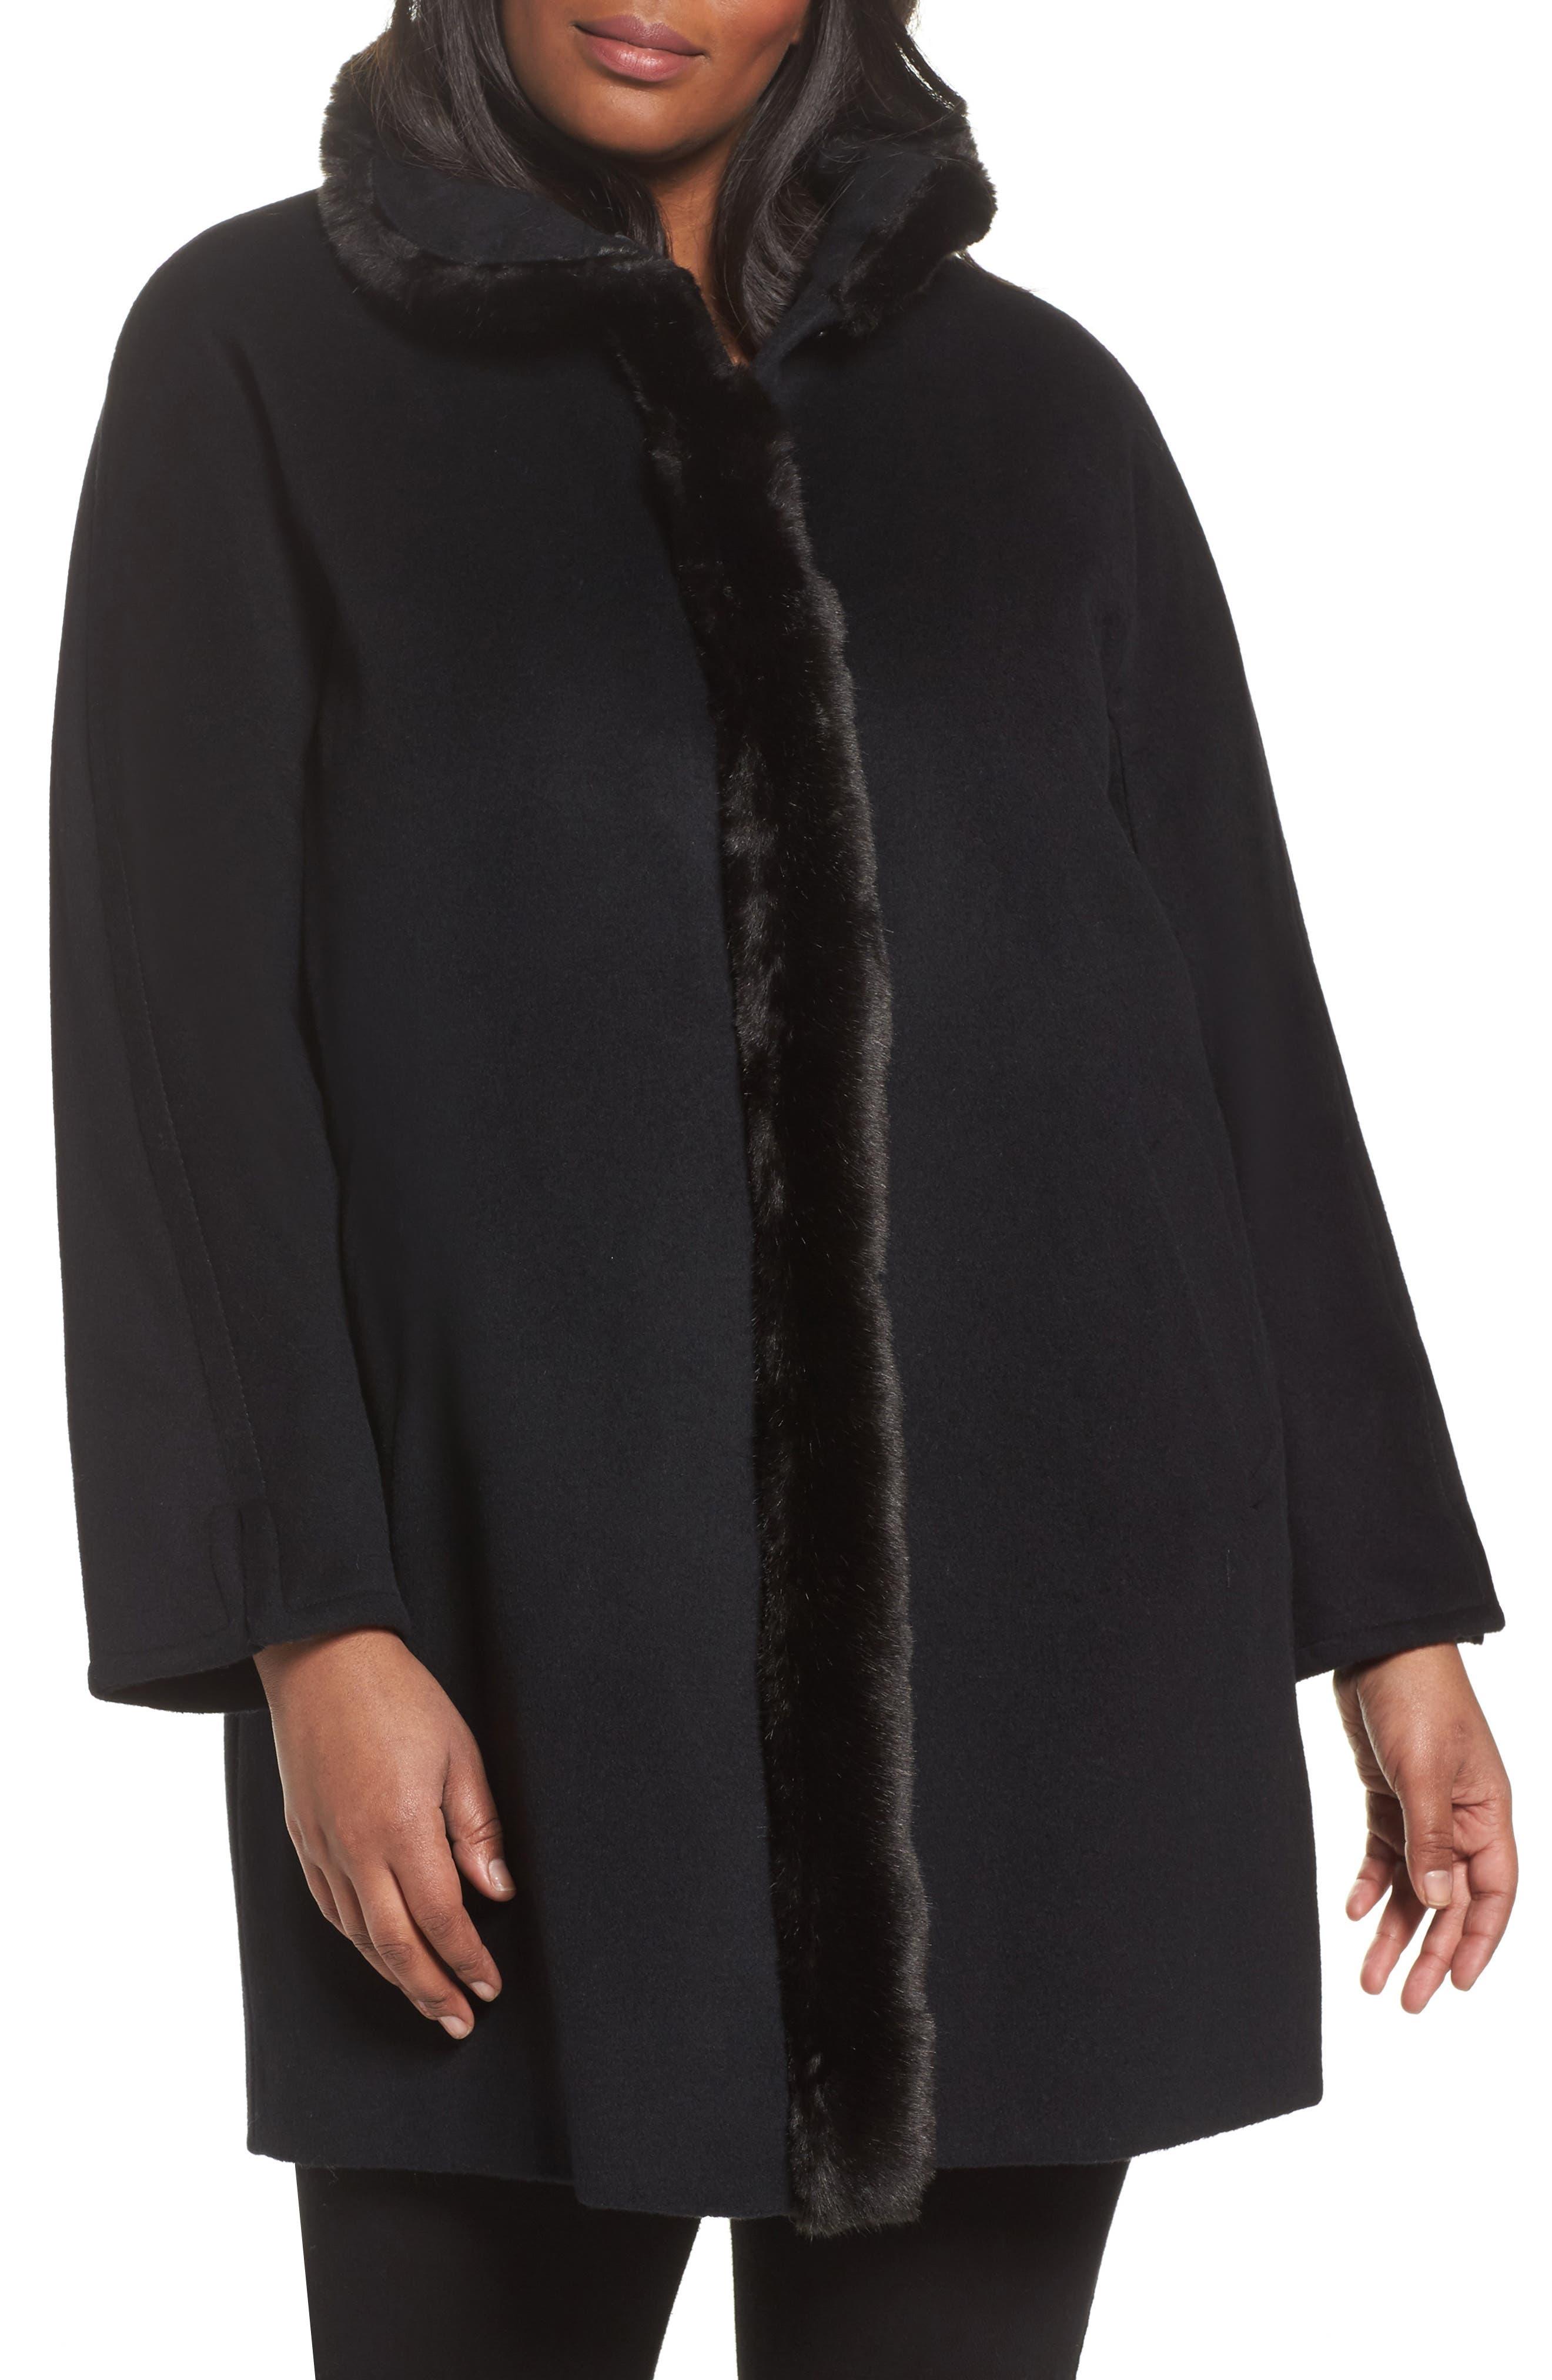 Ellen Tracy Wool Blend Faux Fur Trim Walking Coat (Plus Size)